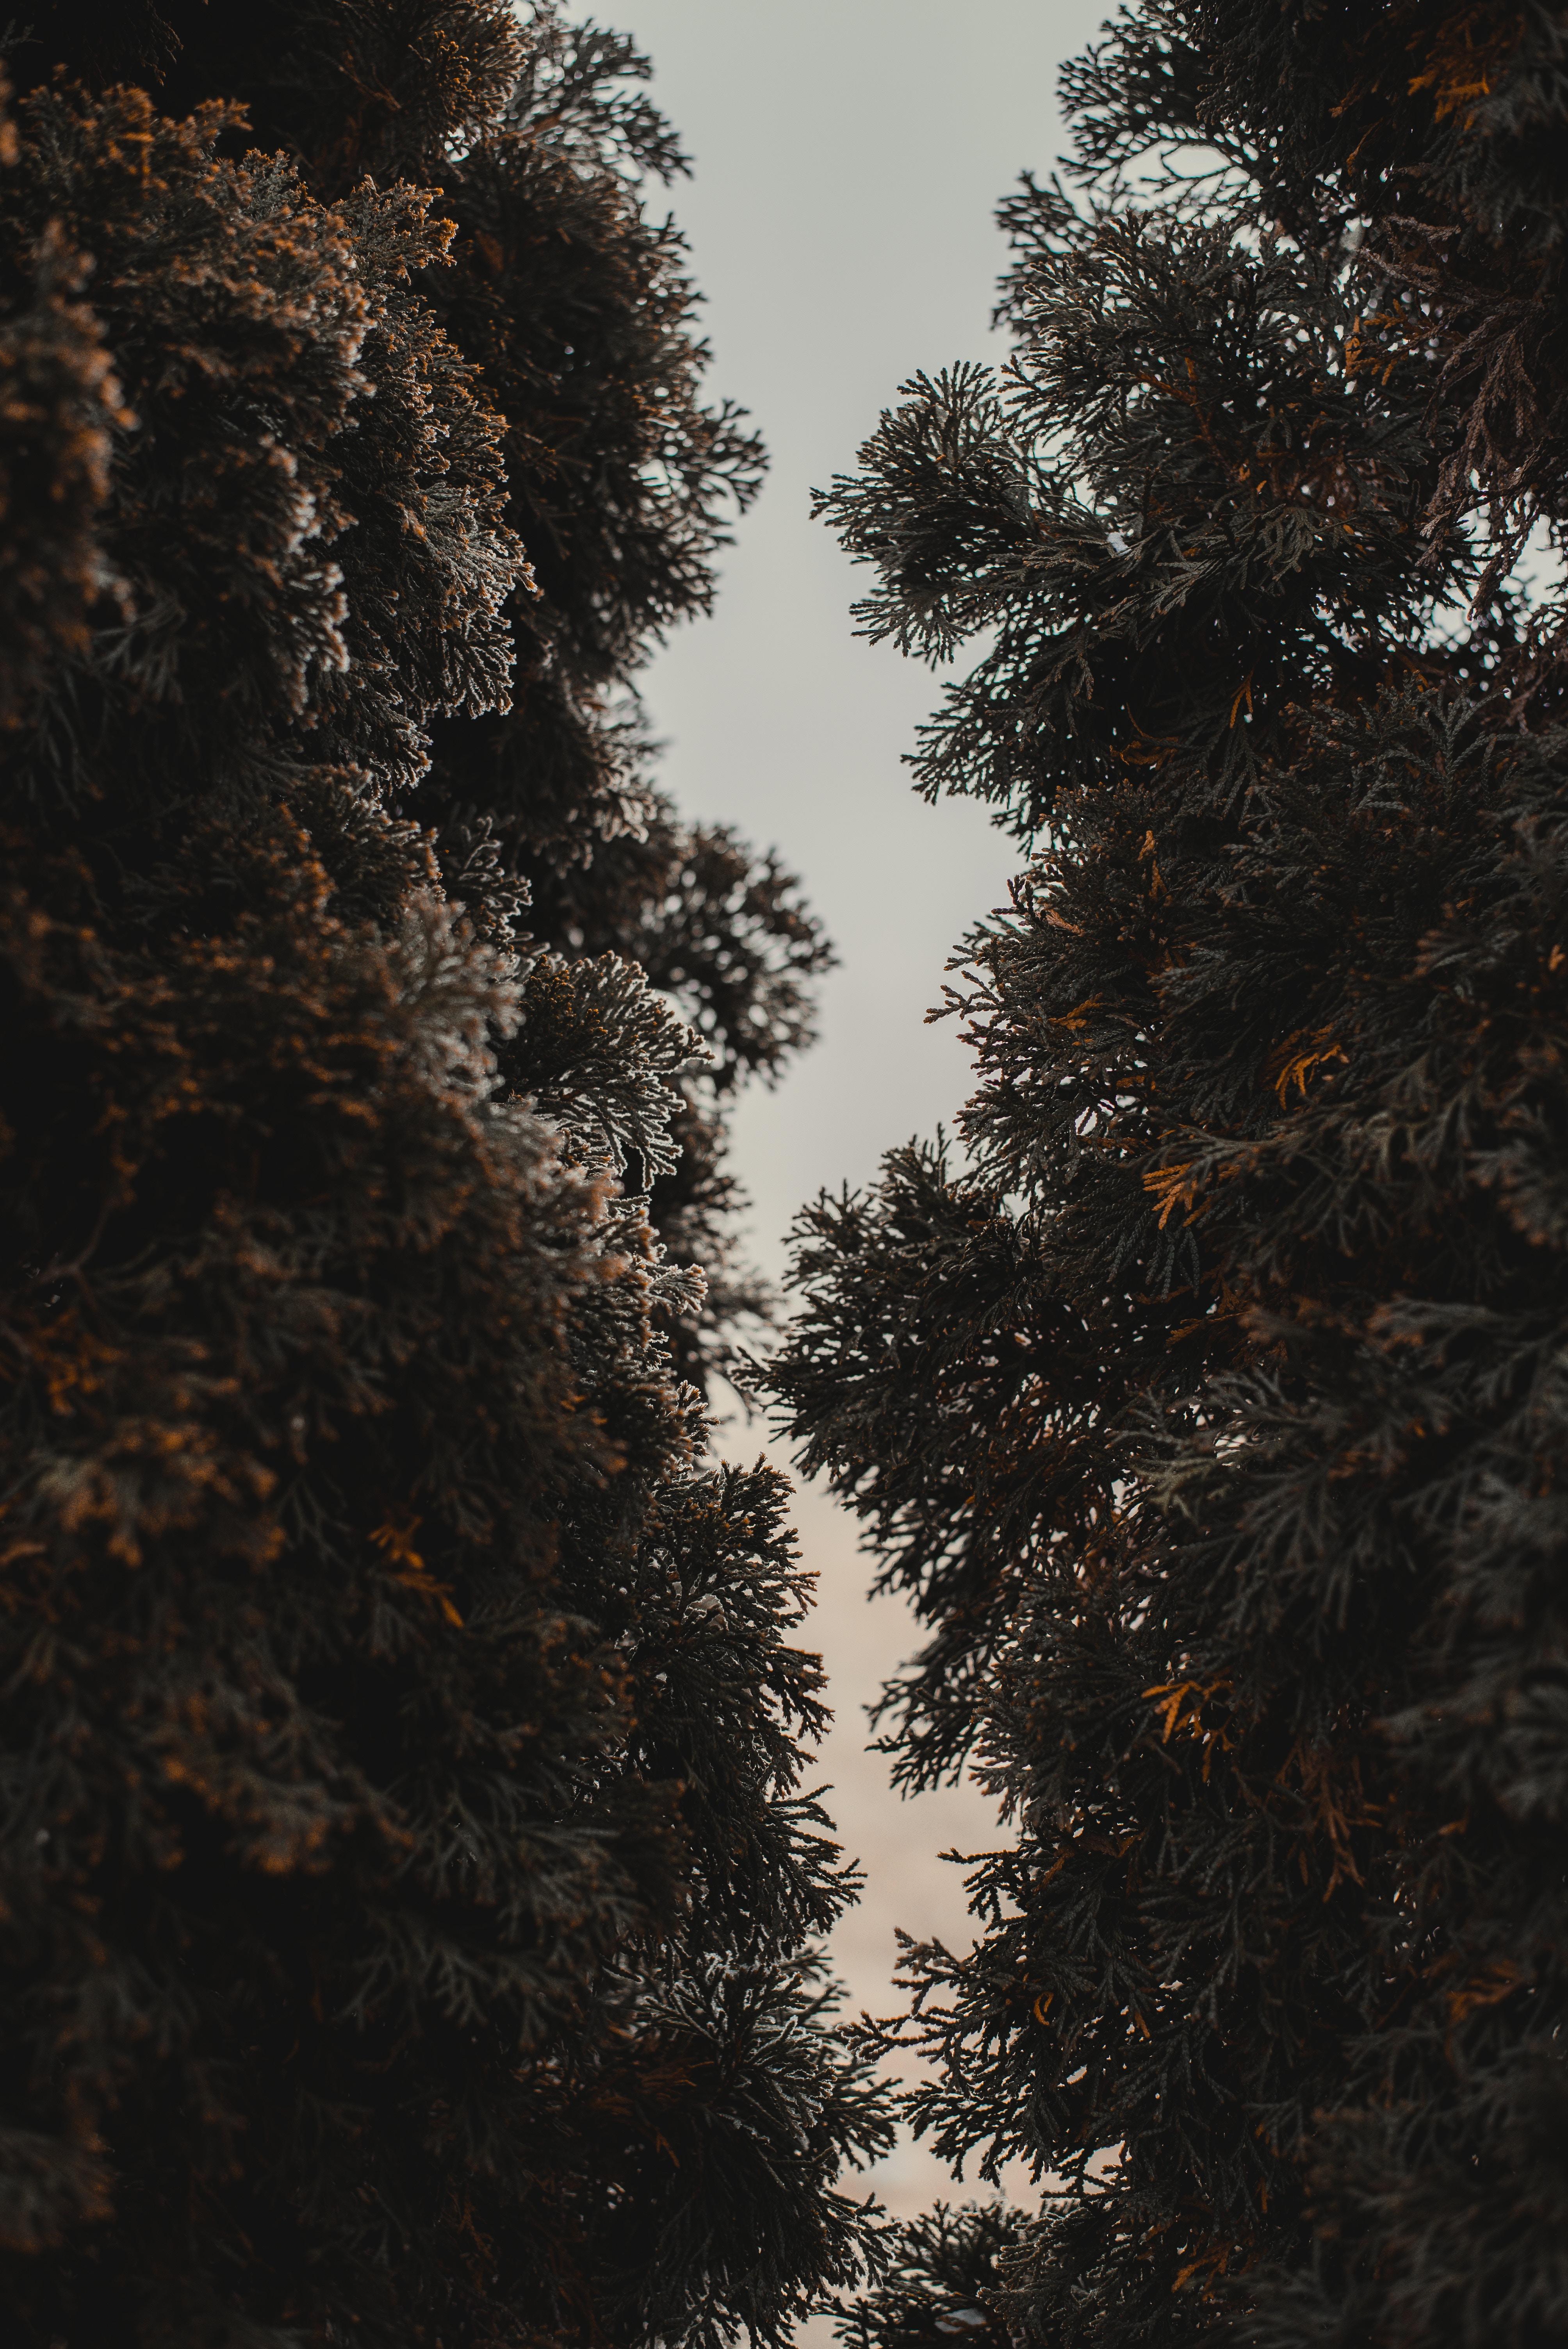 130560 Hintergrundbild herunterladen Natur, Bäume, Nadeln, Pflanze, Thuja, Immergrün, Immergrünen - Bildschirmschoner und Bilder kostenlos